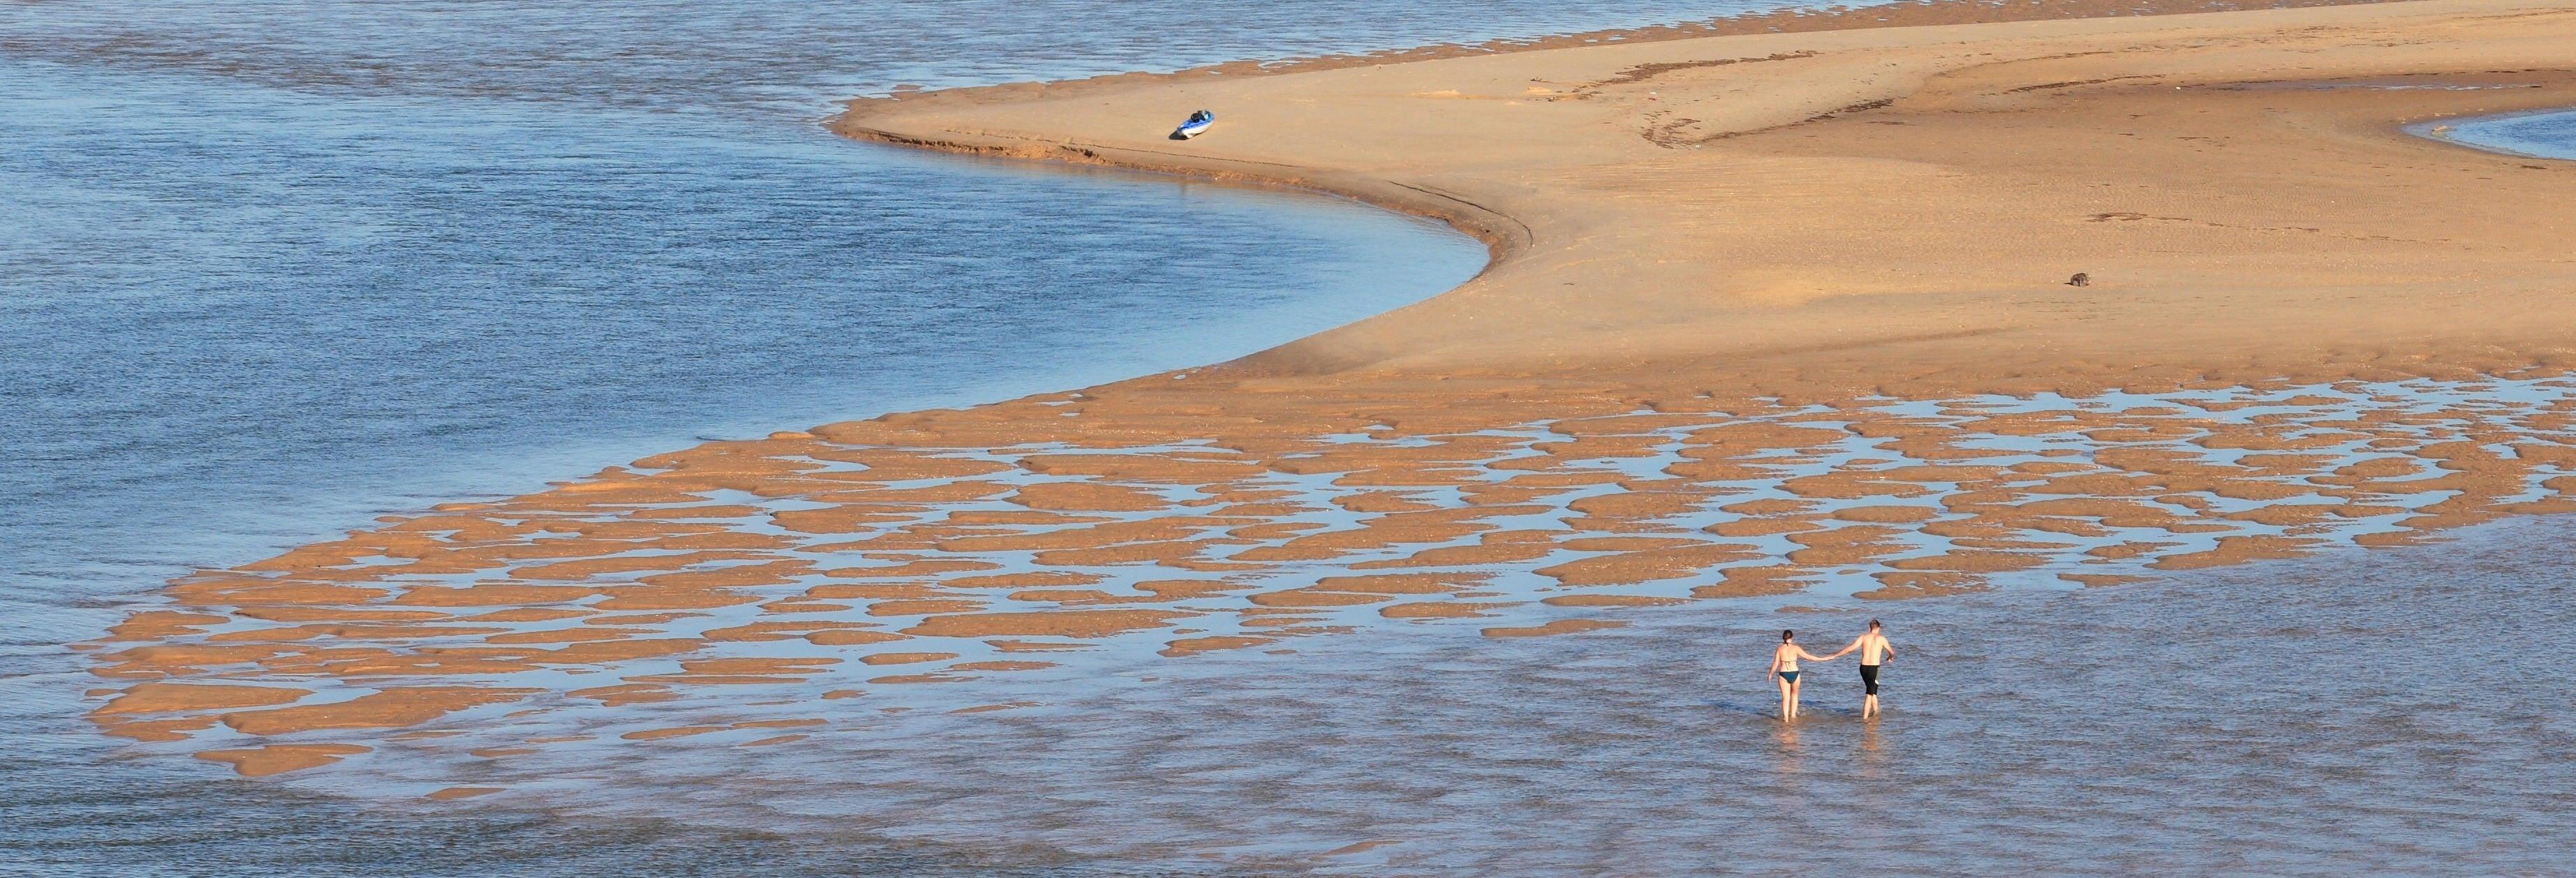 Excursão a Olhão + Passeio de barco pela Ria Formosa